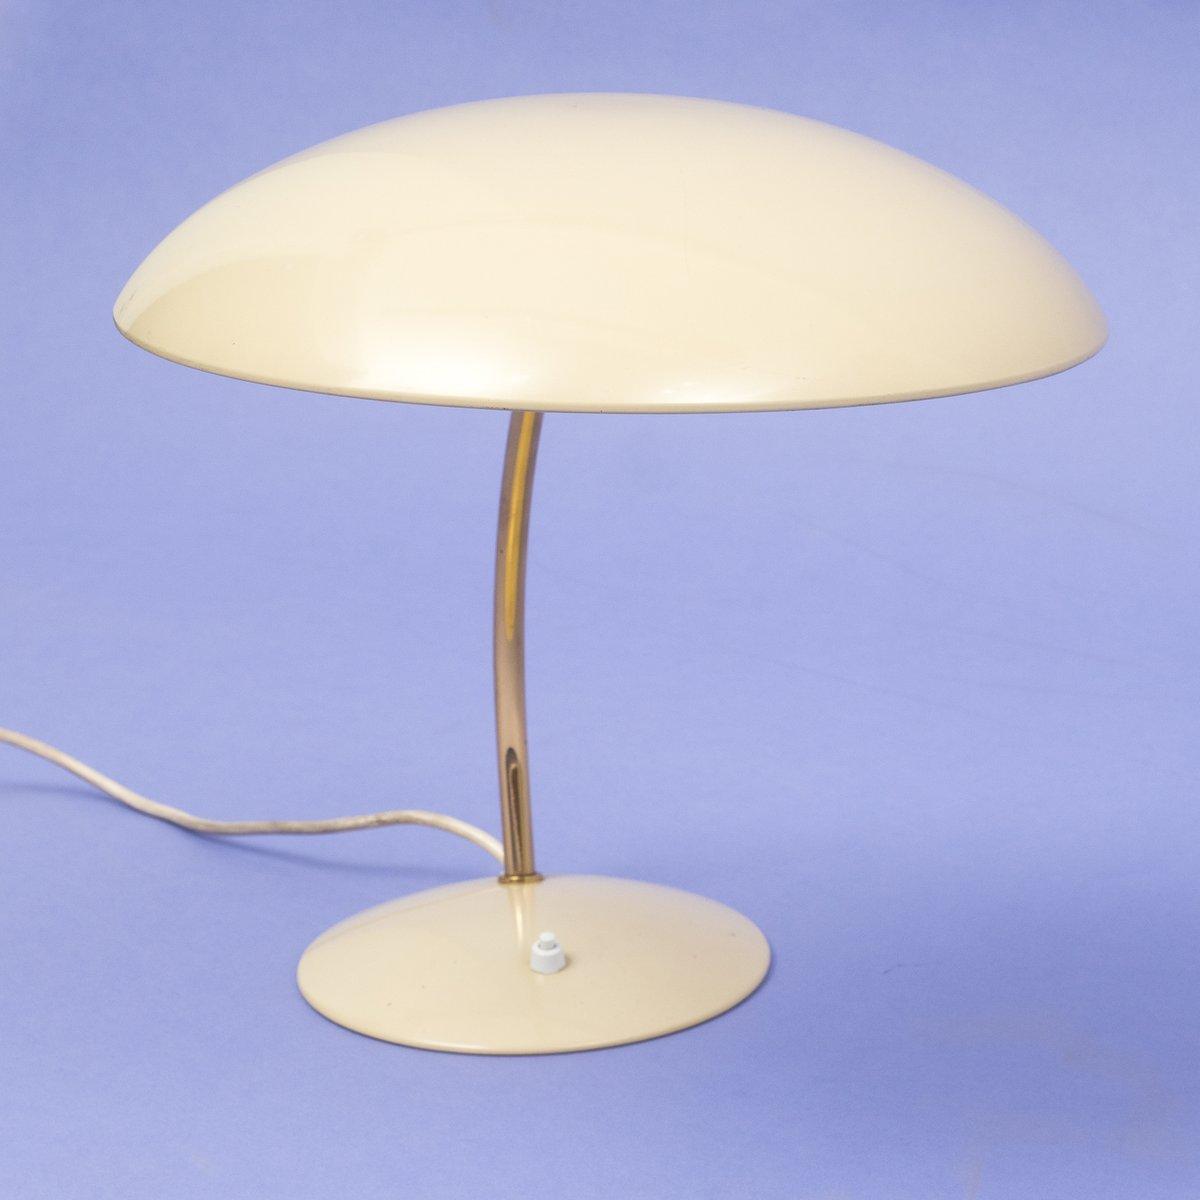 lampe de bureau model 6782 vintage de christian dell pour. Black Bedroom Furniture Sets. Home Design Ideas